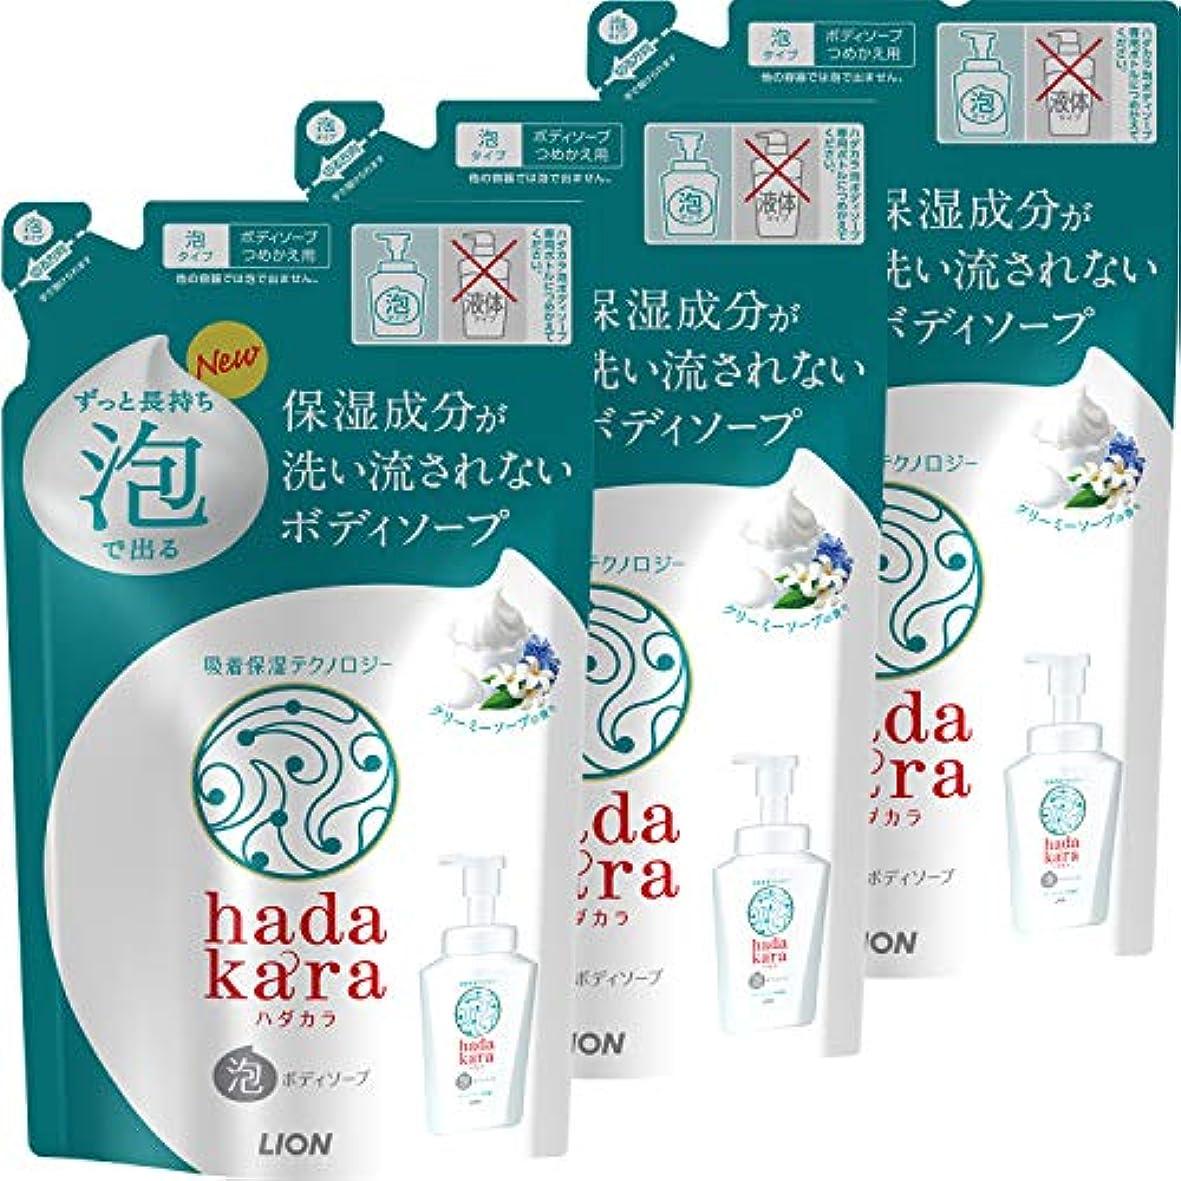 冷笑する移住する親hadakara(ハダカラ) ボディソープ 泡タイプ クリーミーソープの香り 詰替440ml×3個